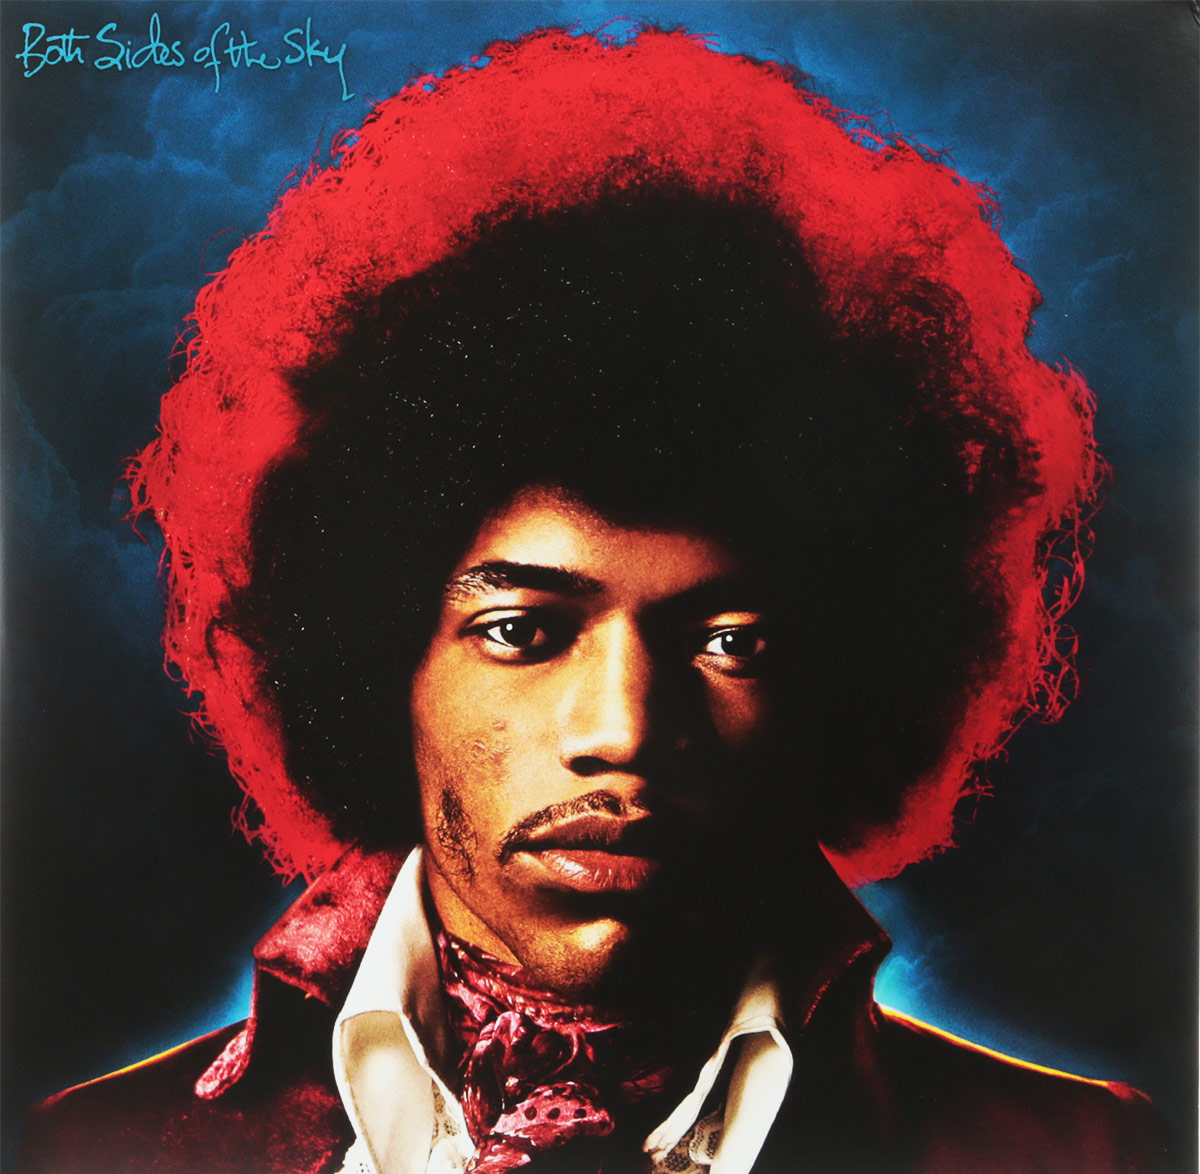 Джими Хендрикс Jimi Hendrix. Both Sides Of The Sky (2 LP) jimi hendrix jimi hendrix both sides of the sky 2 lp 180 gr